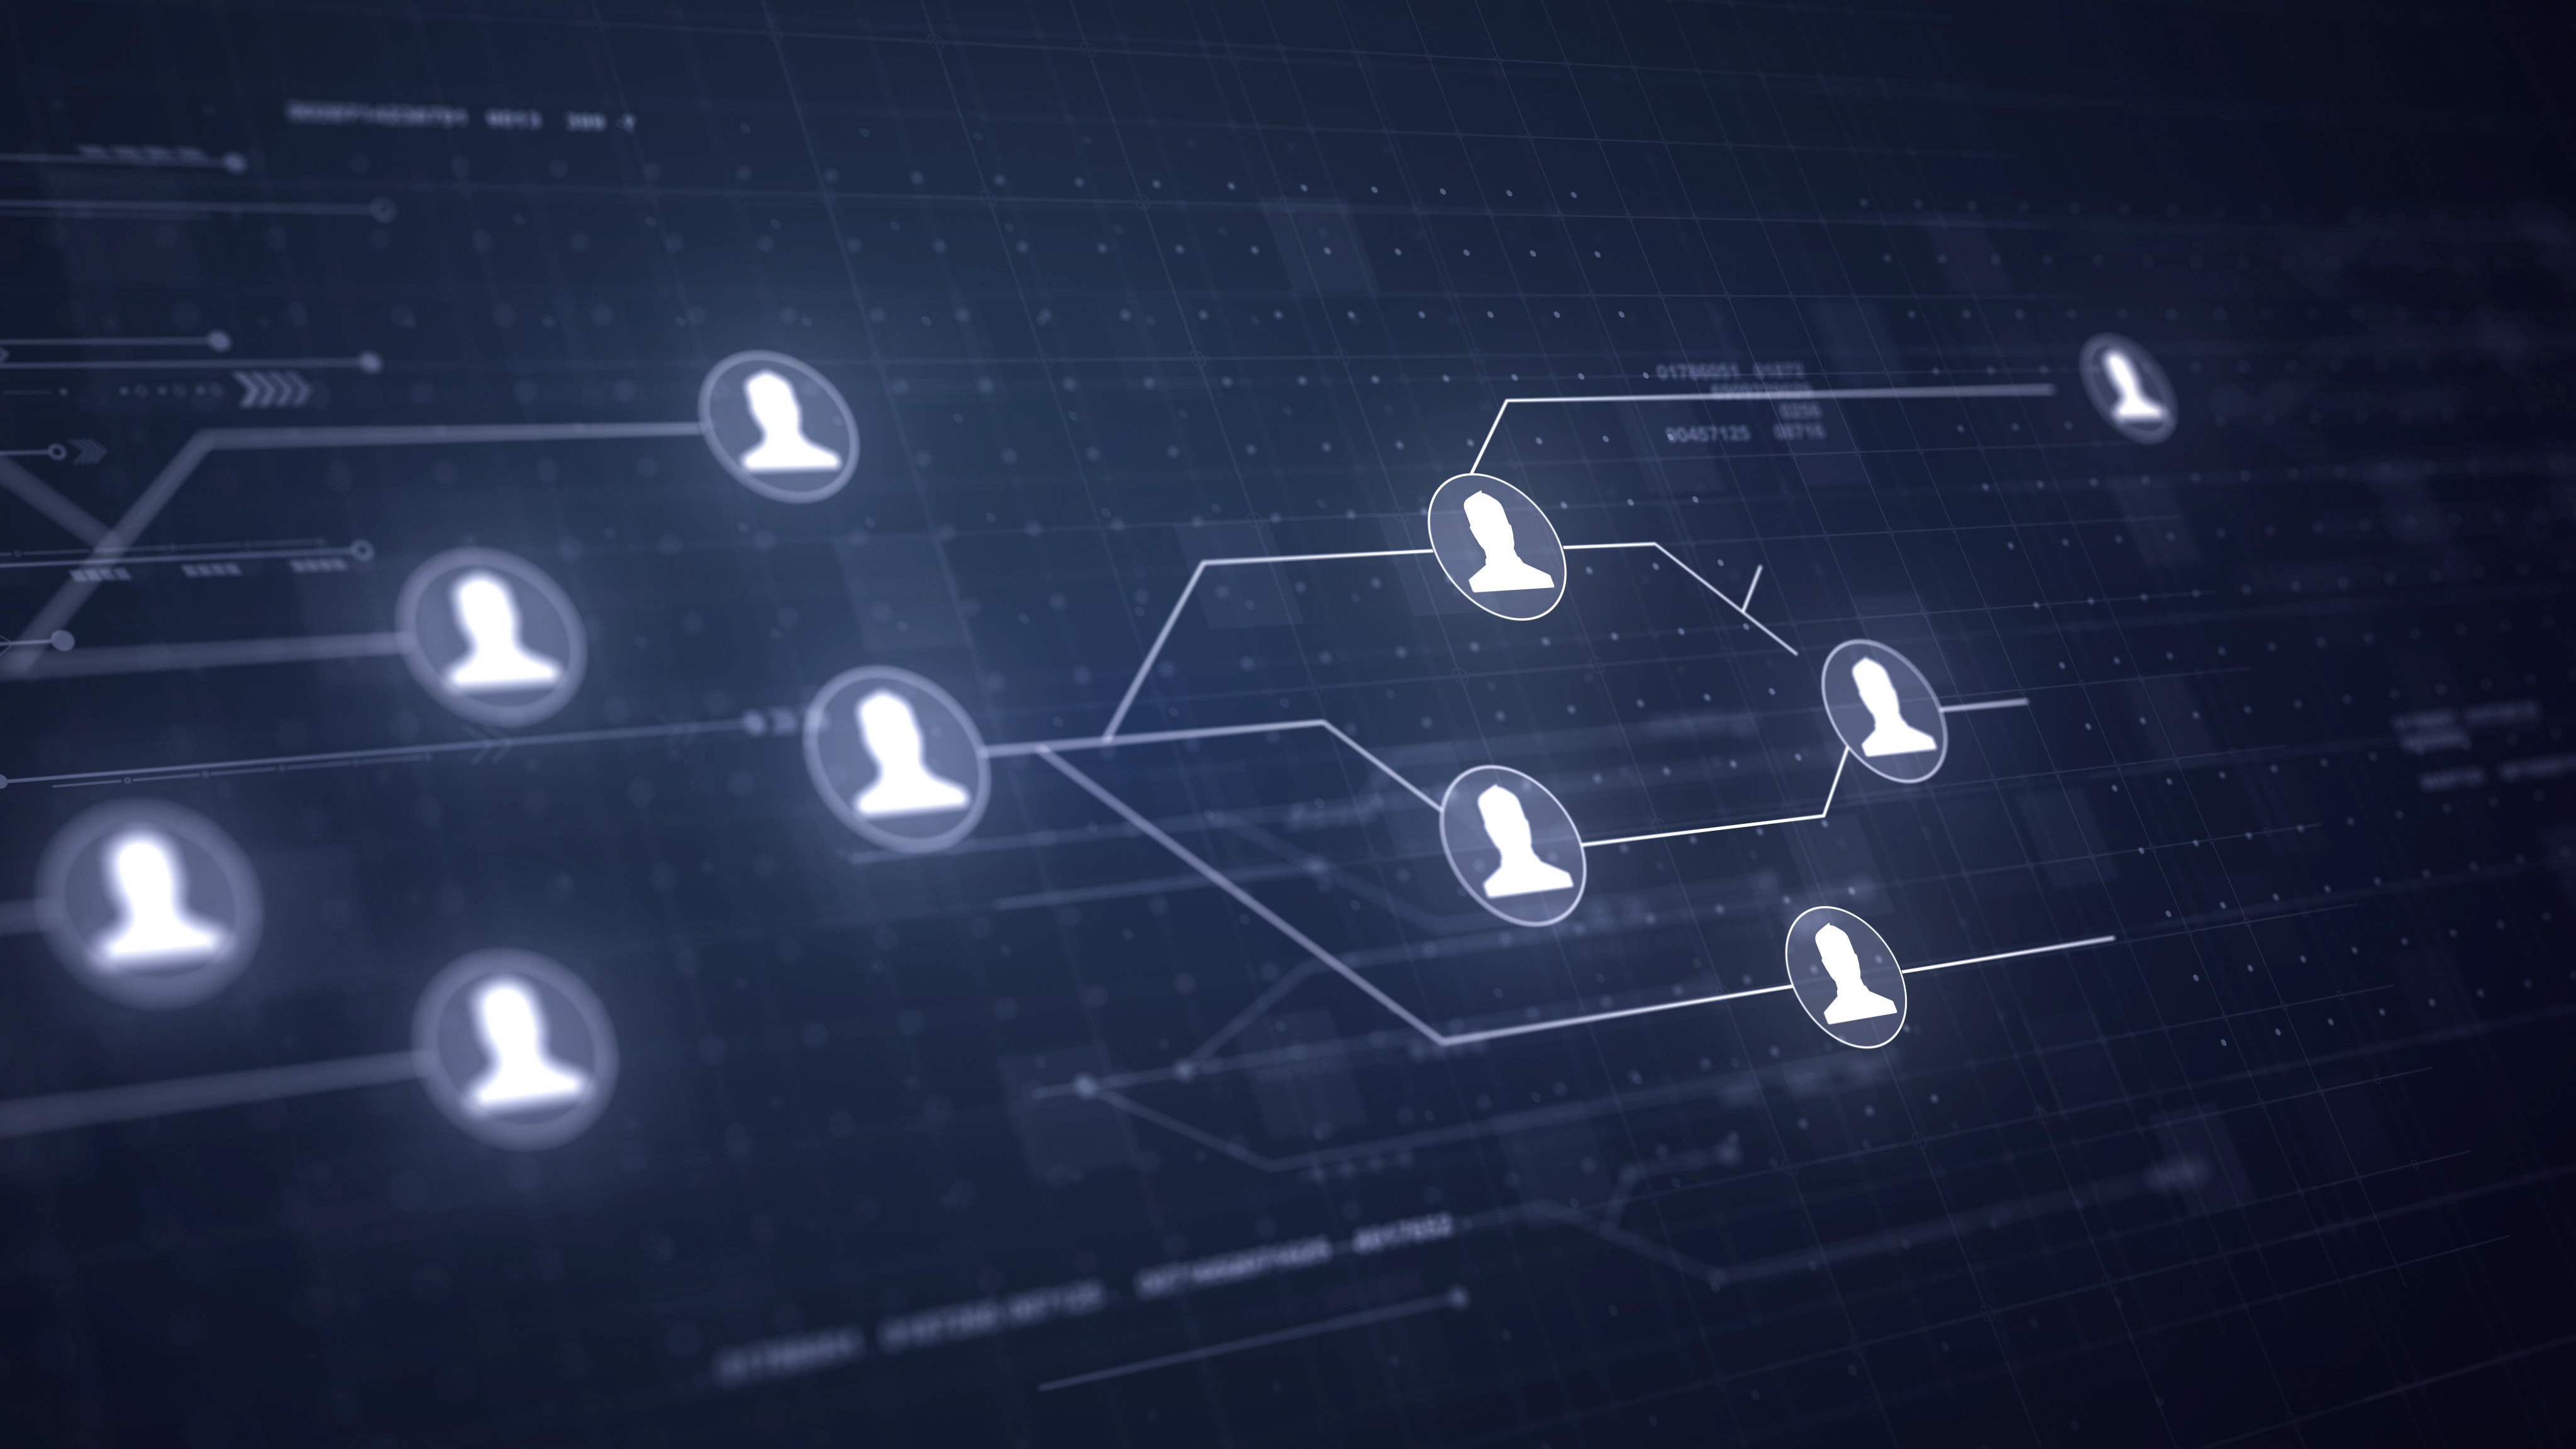 Gamma Ingenieros concientiza empresas sobre buenas prácticas en ciberseguridad | Tecnología | Variedades | EL FRENTE